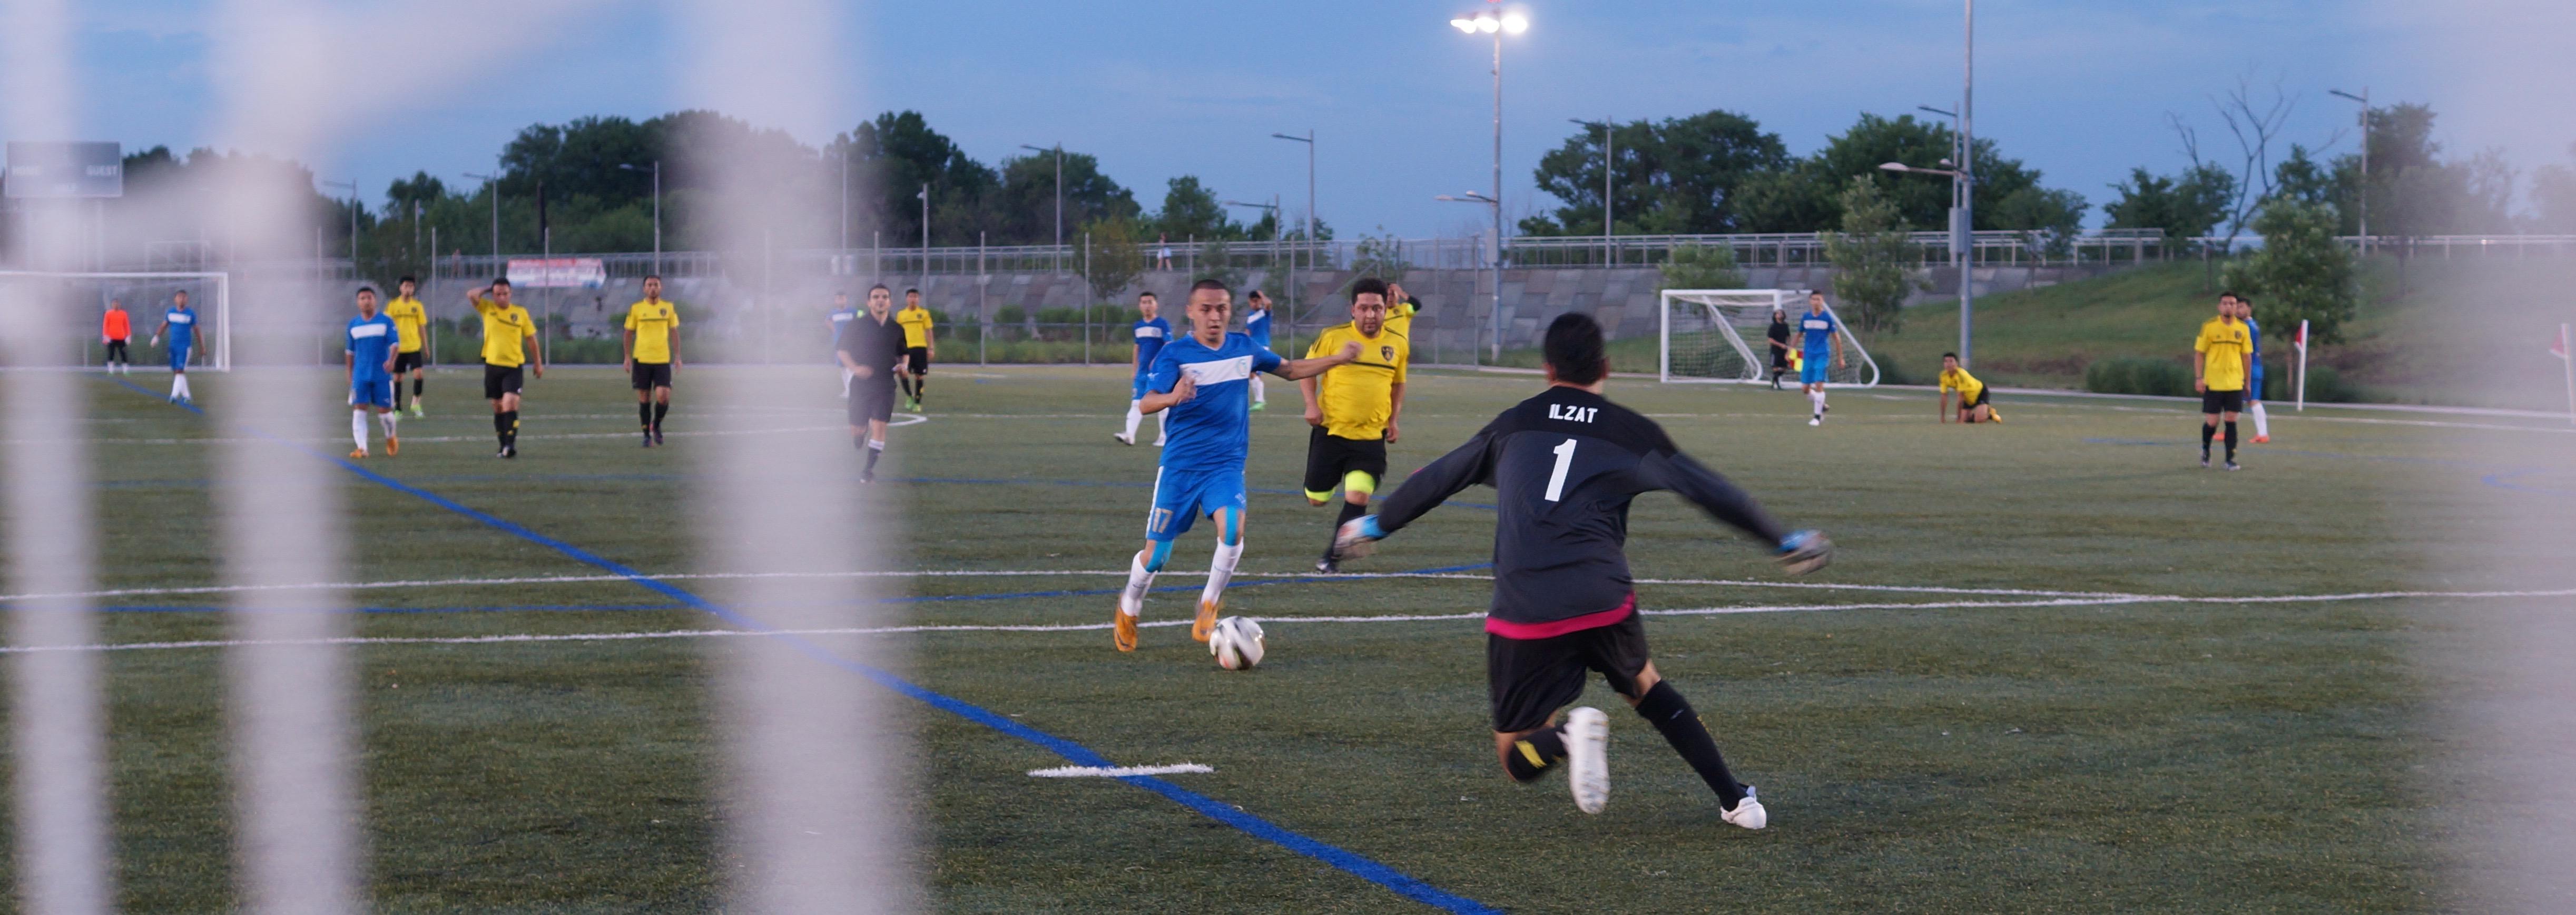 Uyghur United FC vs LA Uyghur FC